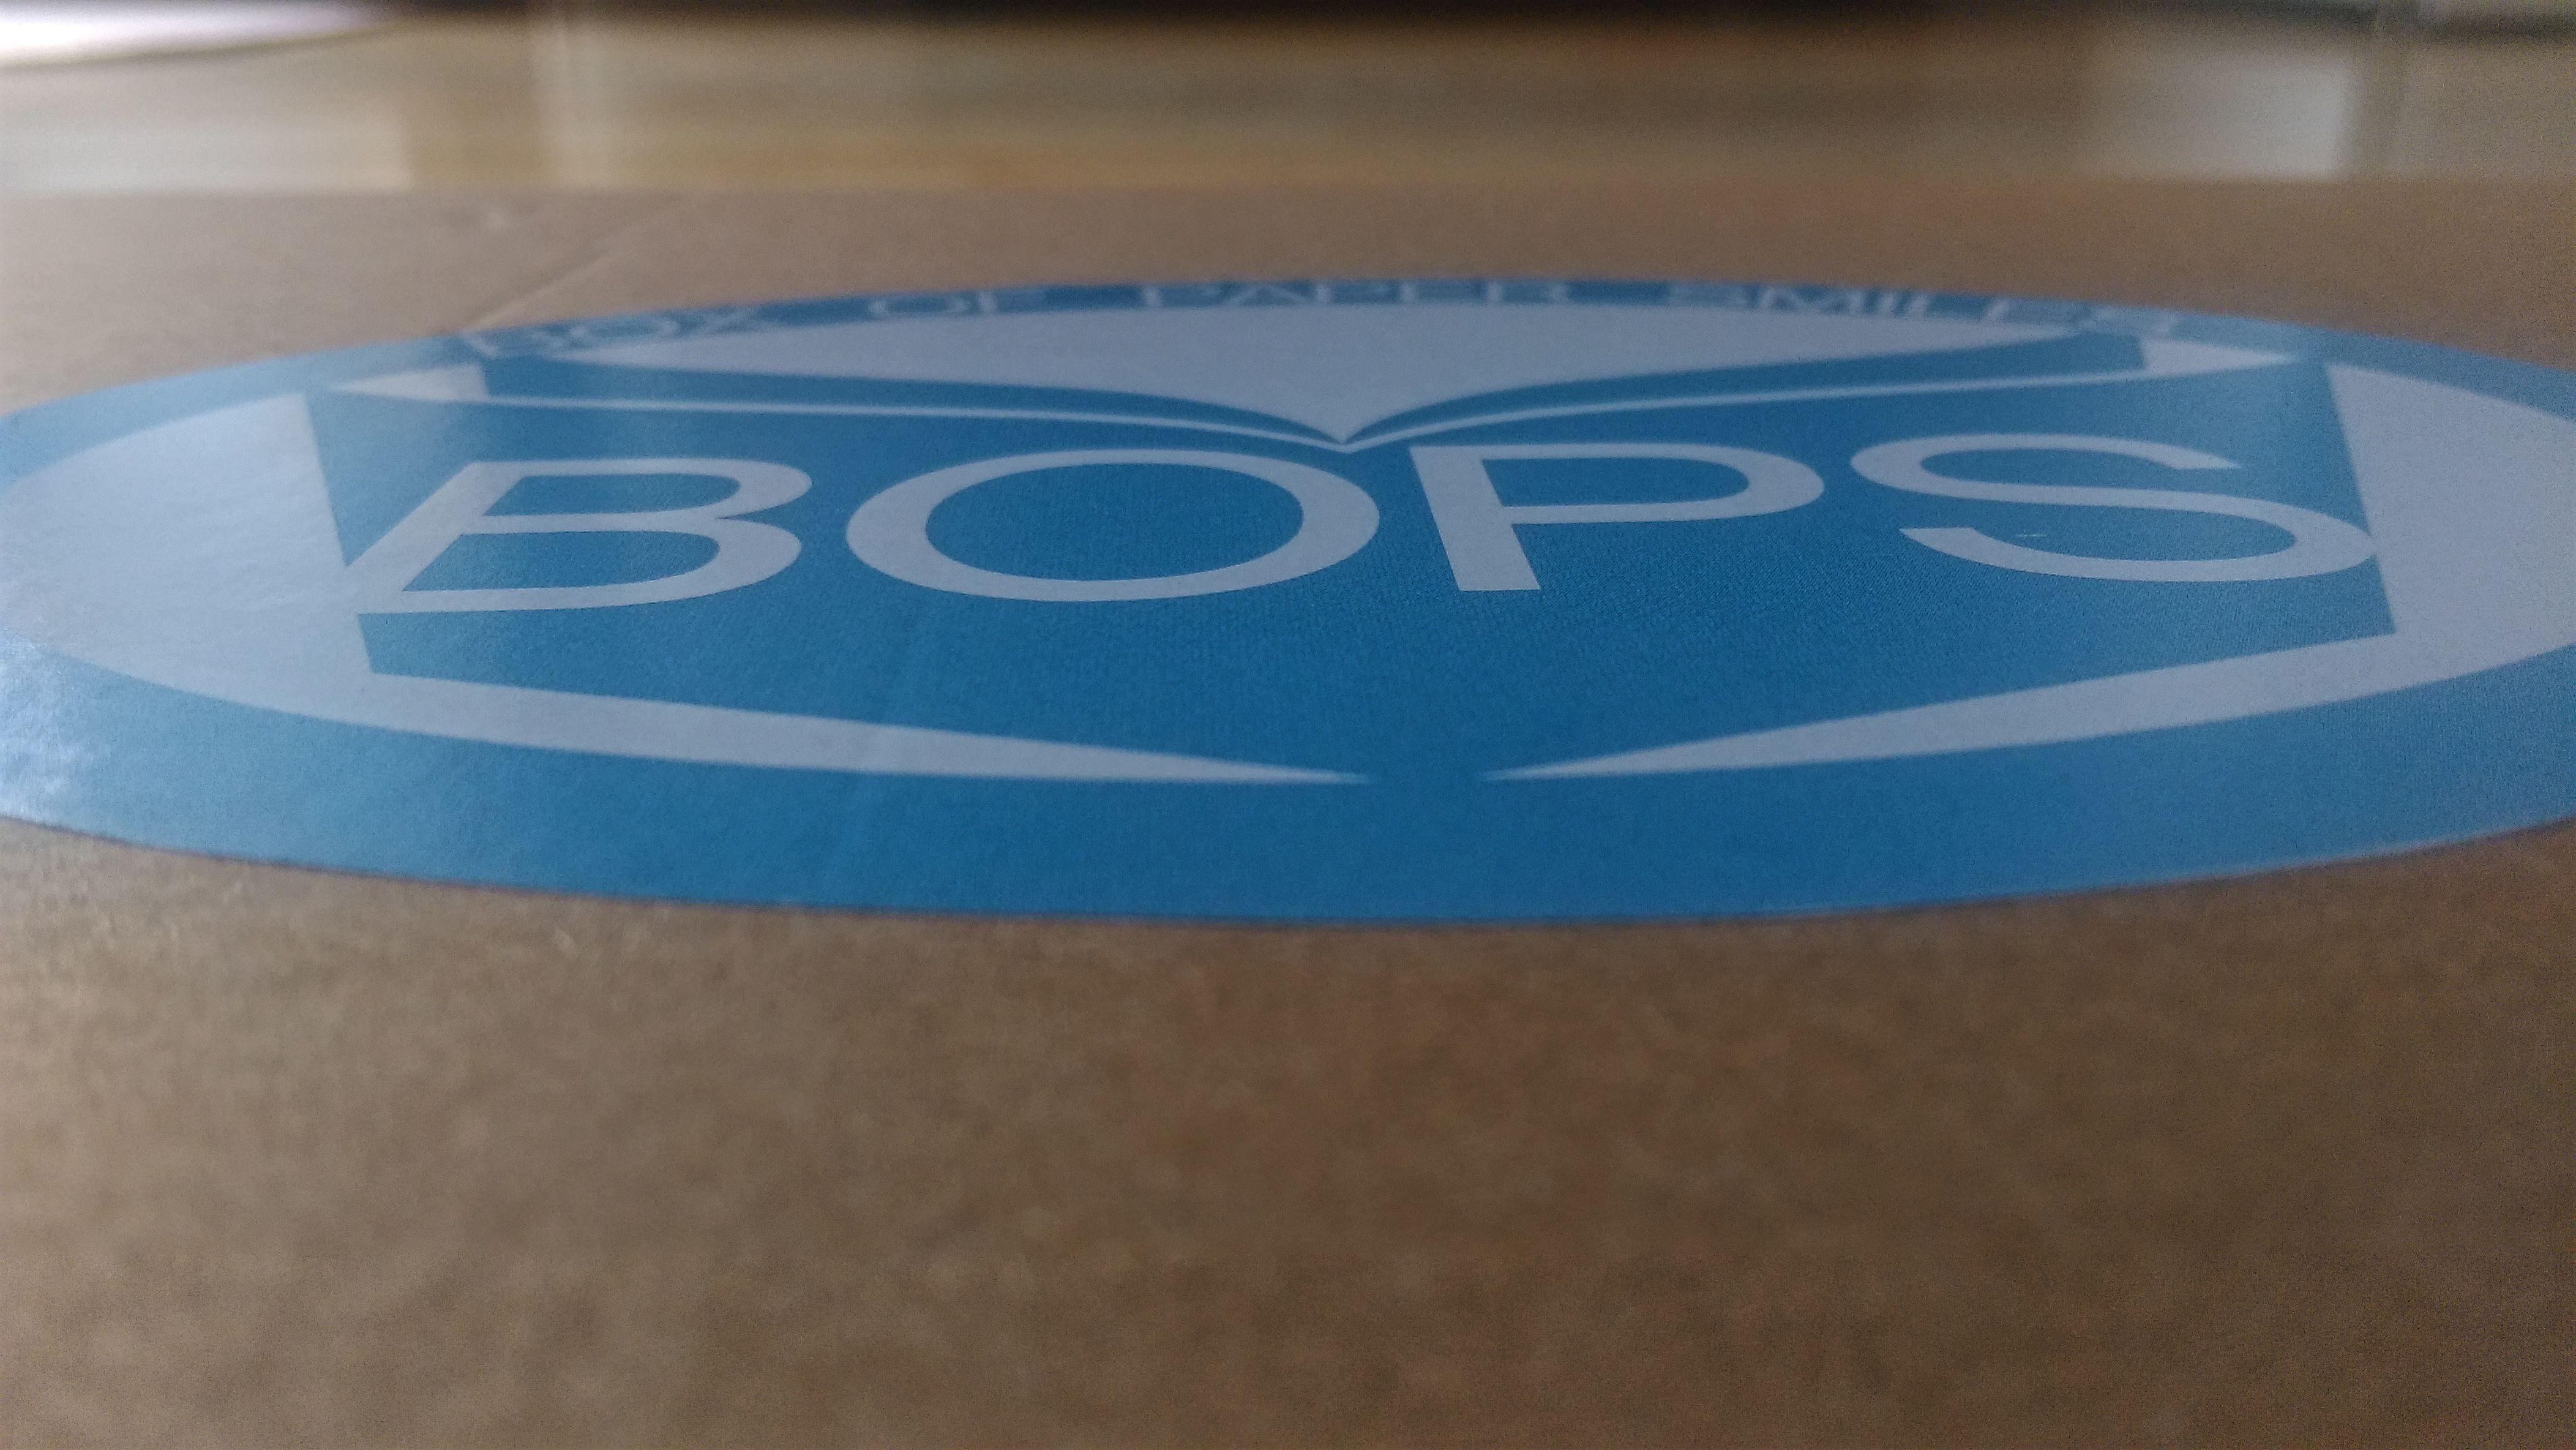 BOPS или първата българска книжна кутия